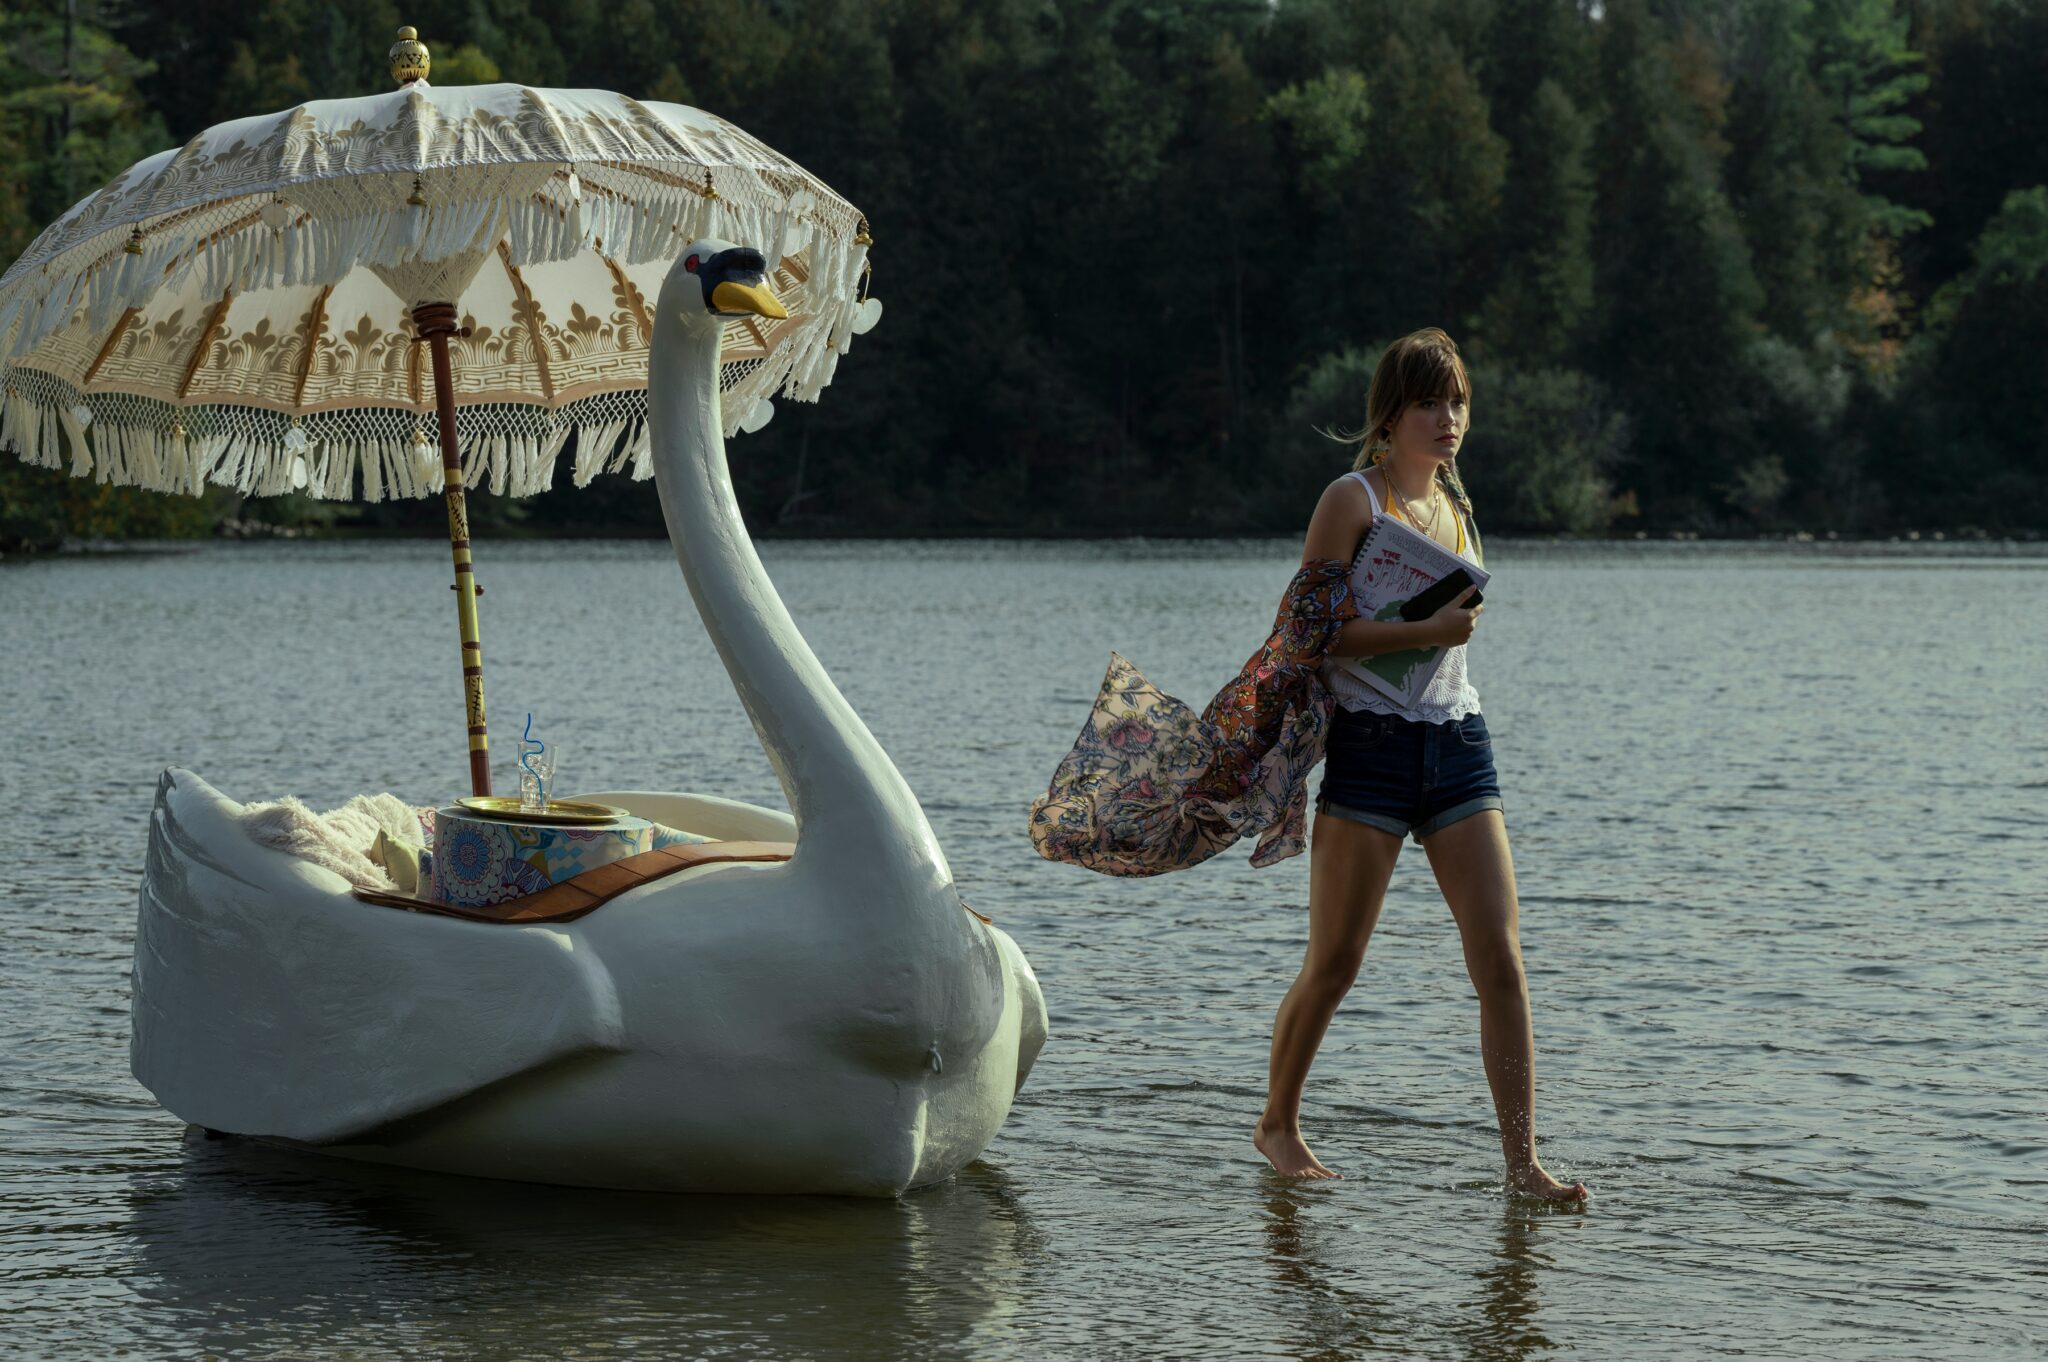 Emilia Jones läuft übers Wasser. Neben ihr sieht man ein Boot in Form eines Schwans mit Schirm.